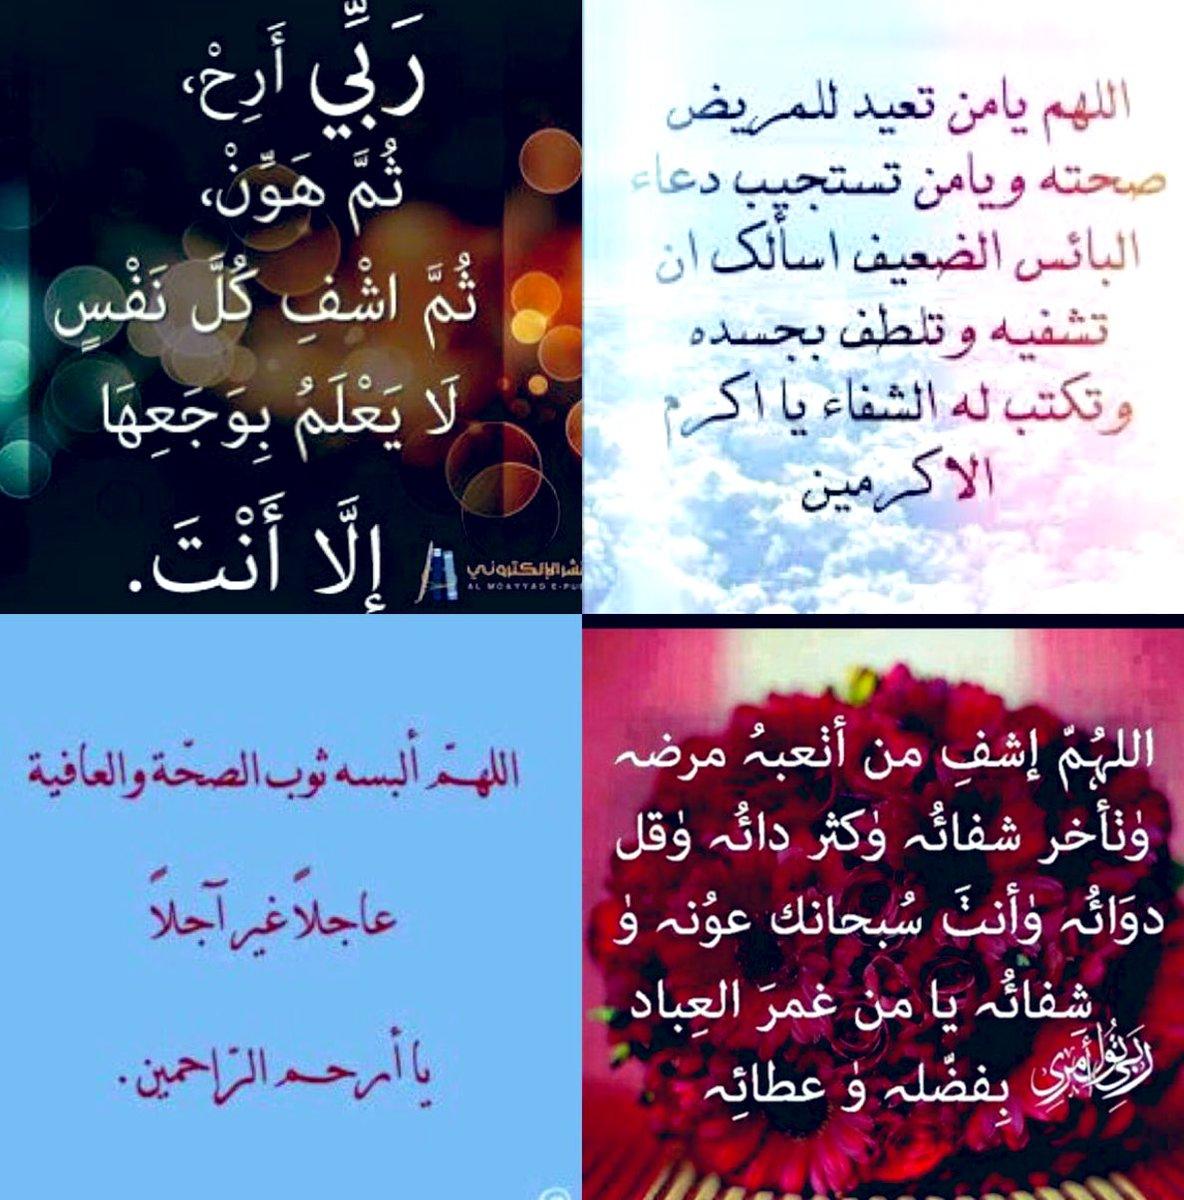 اللهم اشفه شفاء لا يغادر سقما تويتر